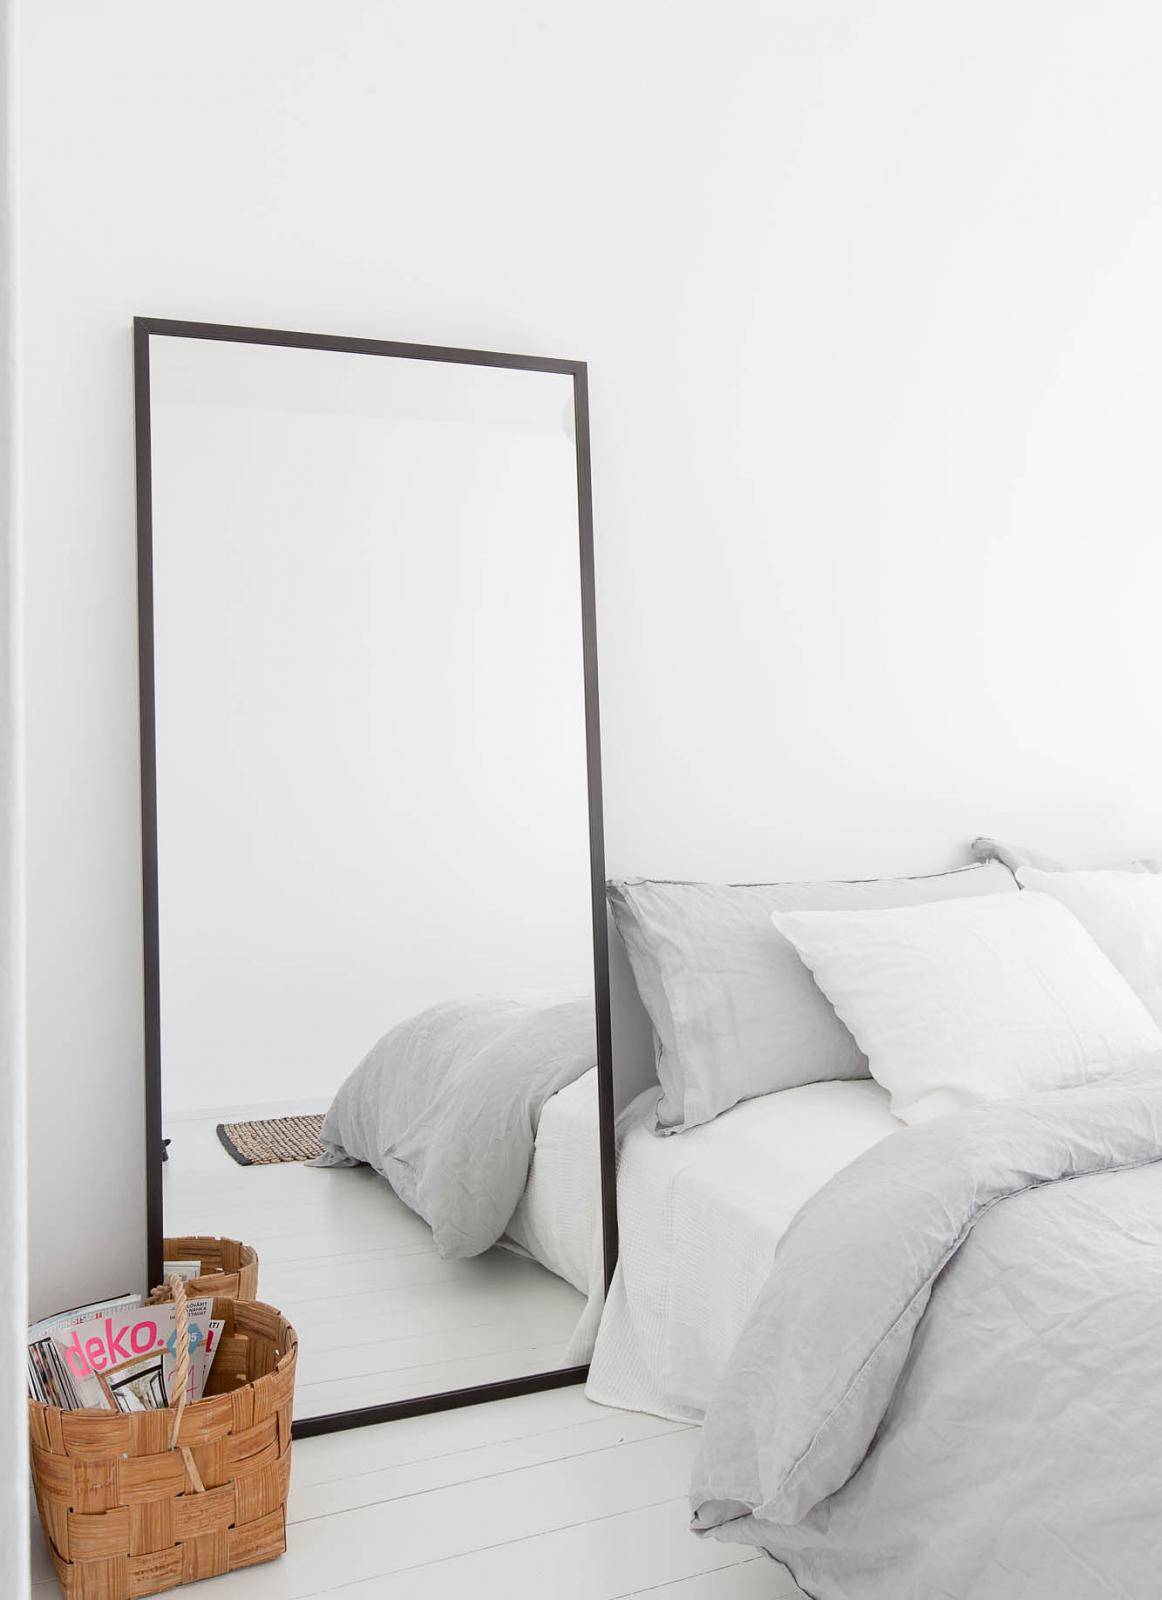 Slaapkamer inspiratie inrichting - Huis slaapkamer ...